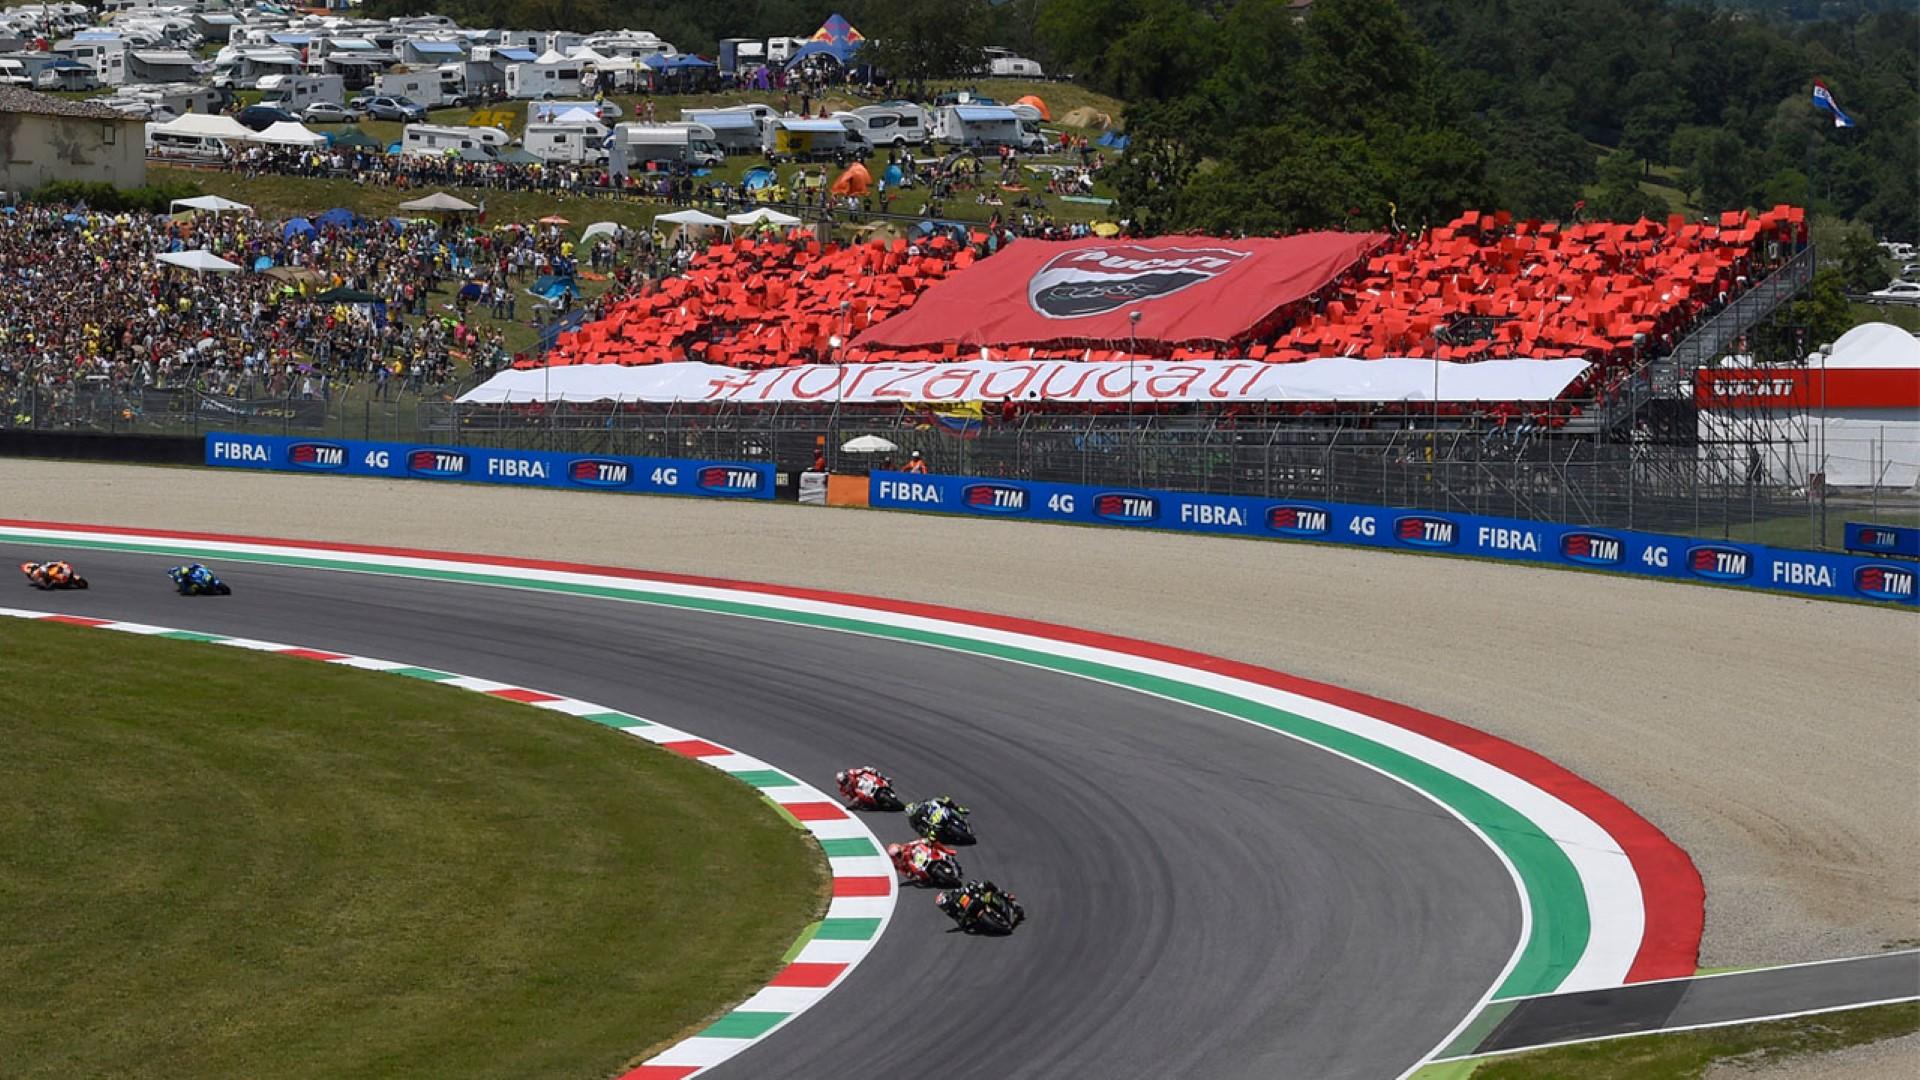 Tribuna Ducati en el GP de Cataluña